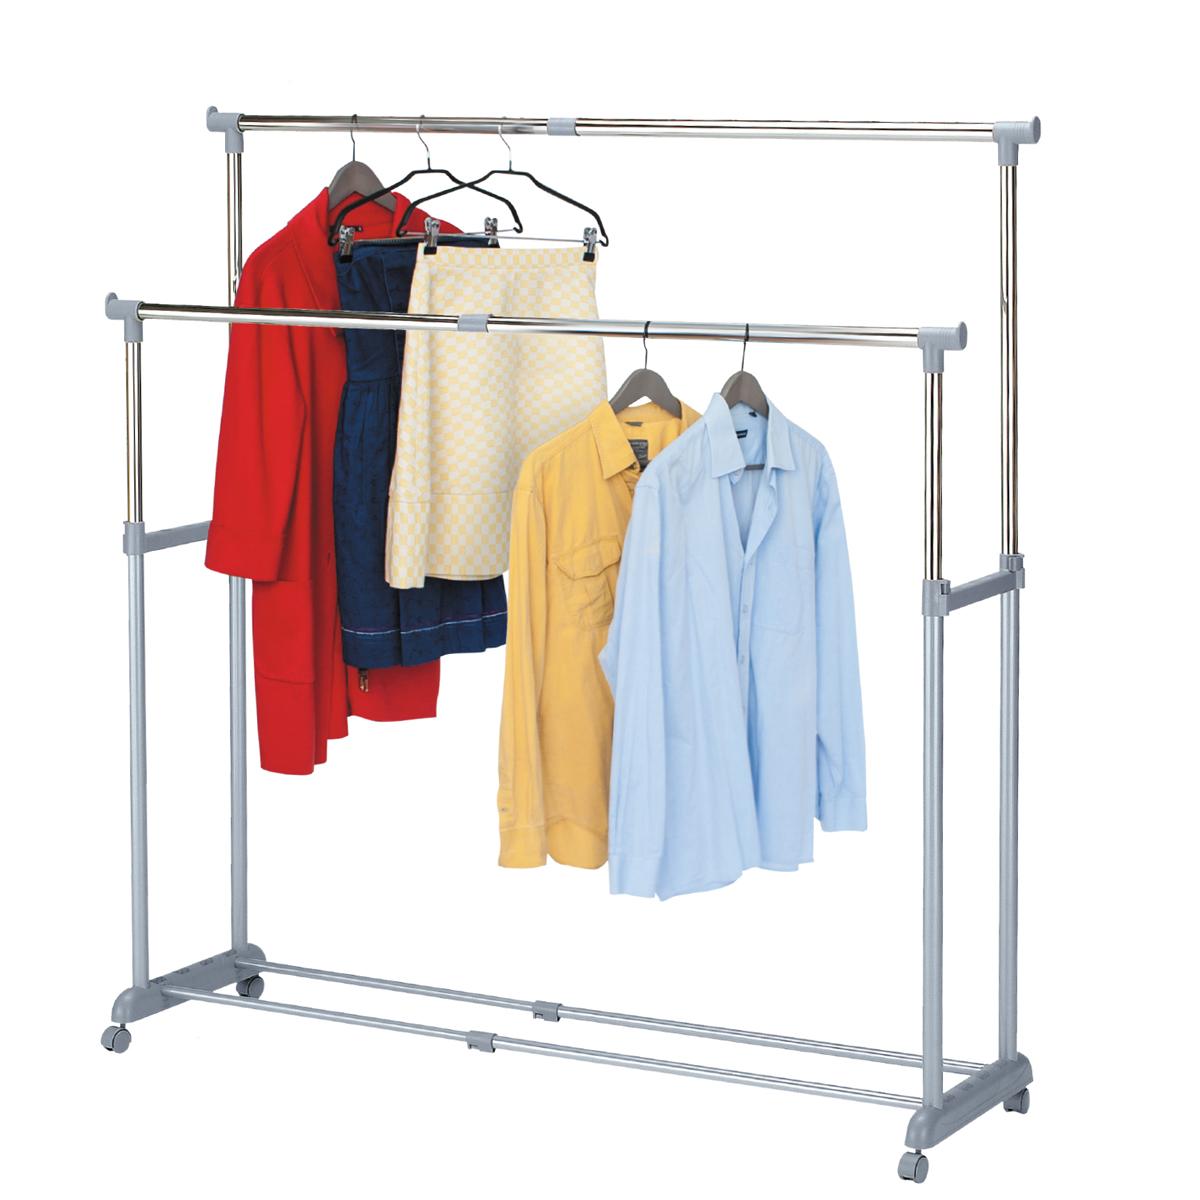 Стойка для одежды Tatkraft Big Party , с регулируемой шириной, двойная, цвет: серый13322Tatkraft BIG PARTY Стойка для одежды раздвижная в ширину двойная, регулируемая высота, мобильная. Материал: сталь (хромированная и с пудровым напылением), пластик. 95-161.5Шx44Гx96.5-166В см. 3,2 м для вывешивания, 60 вешалок, 30 кг. Упаковка: цветная коробка.